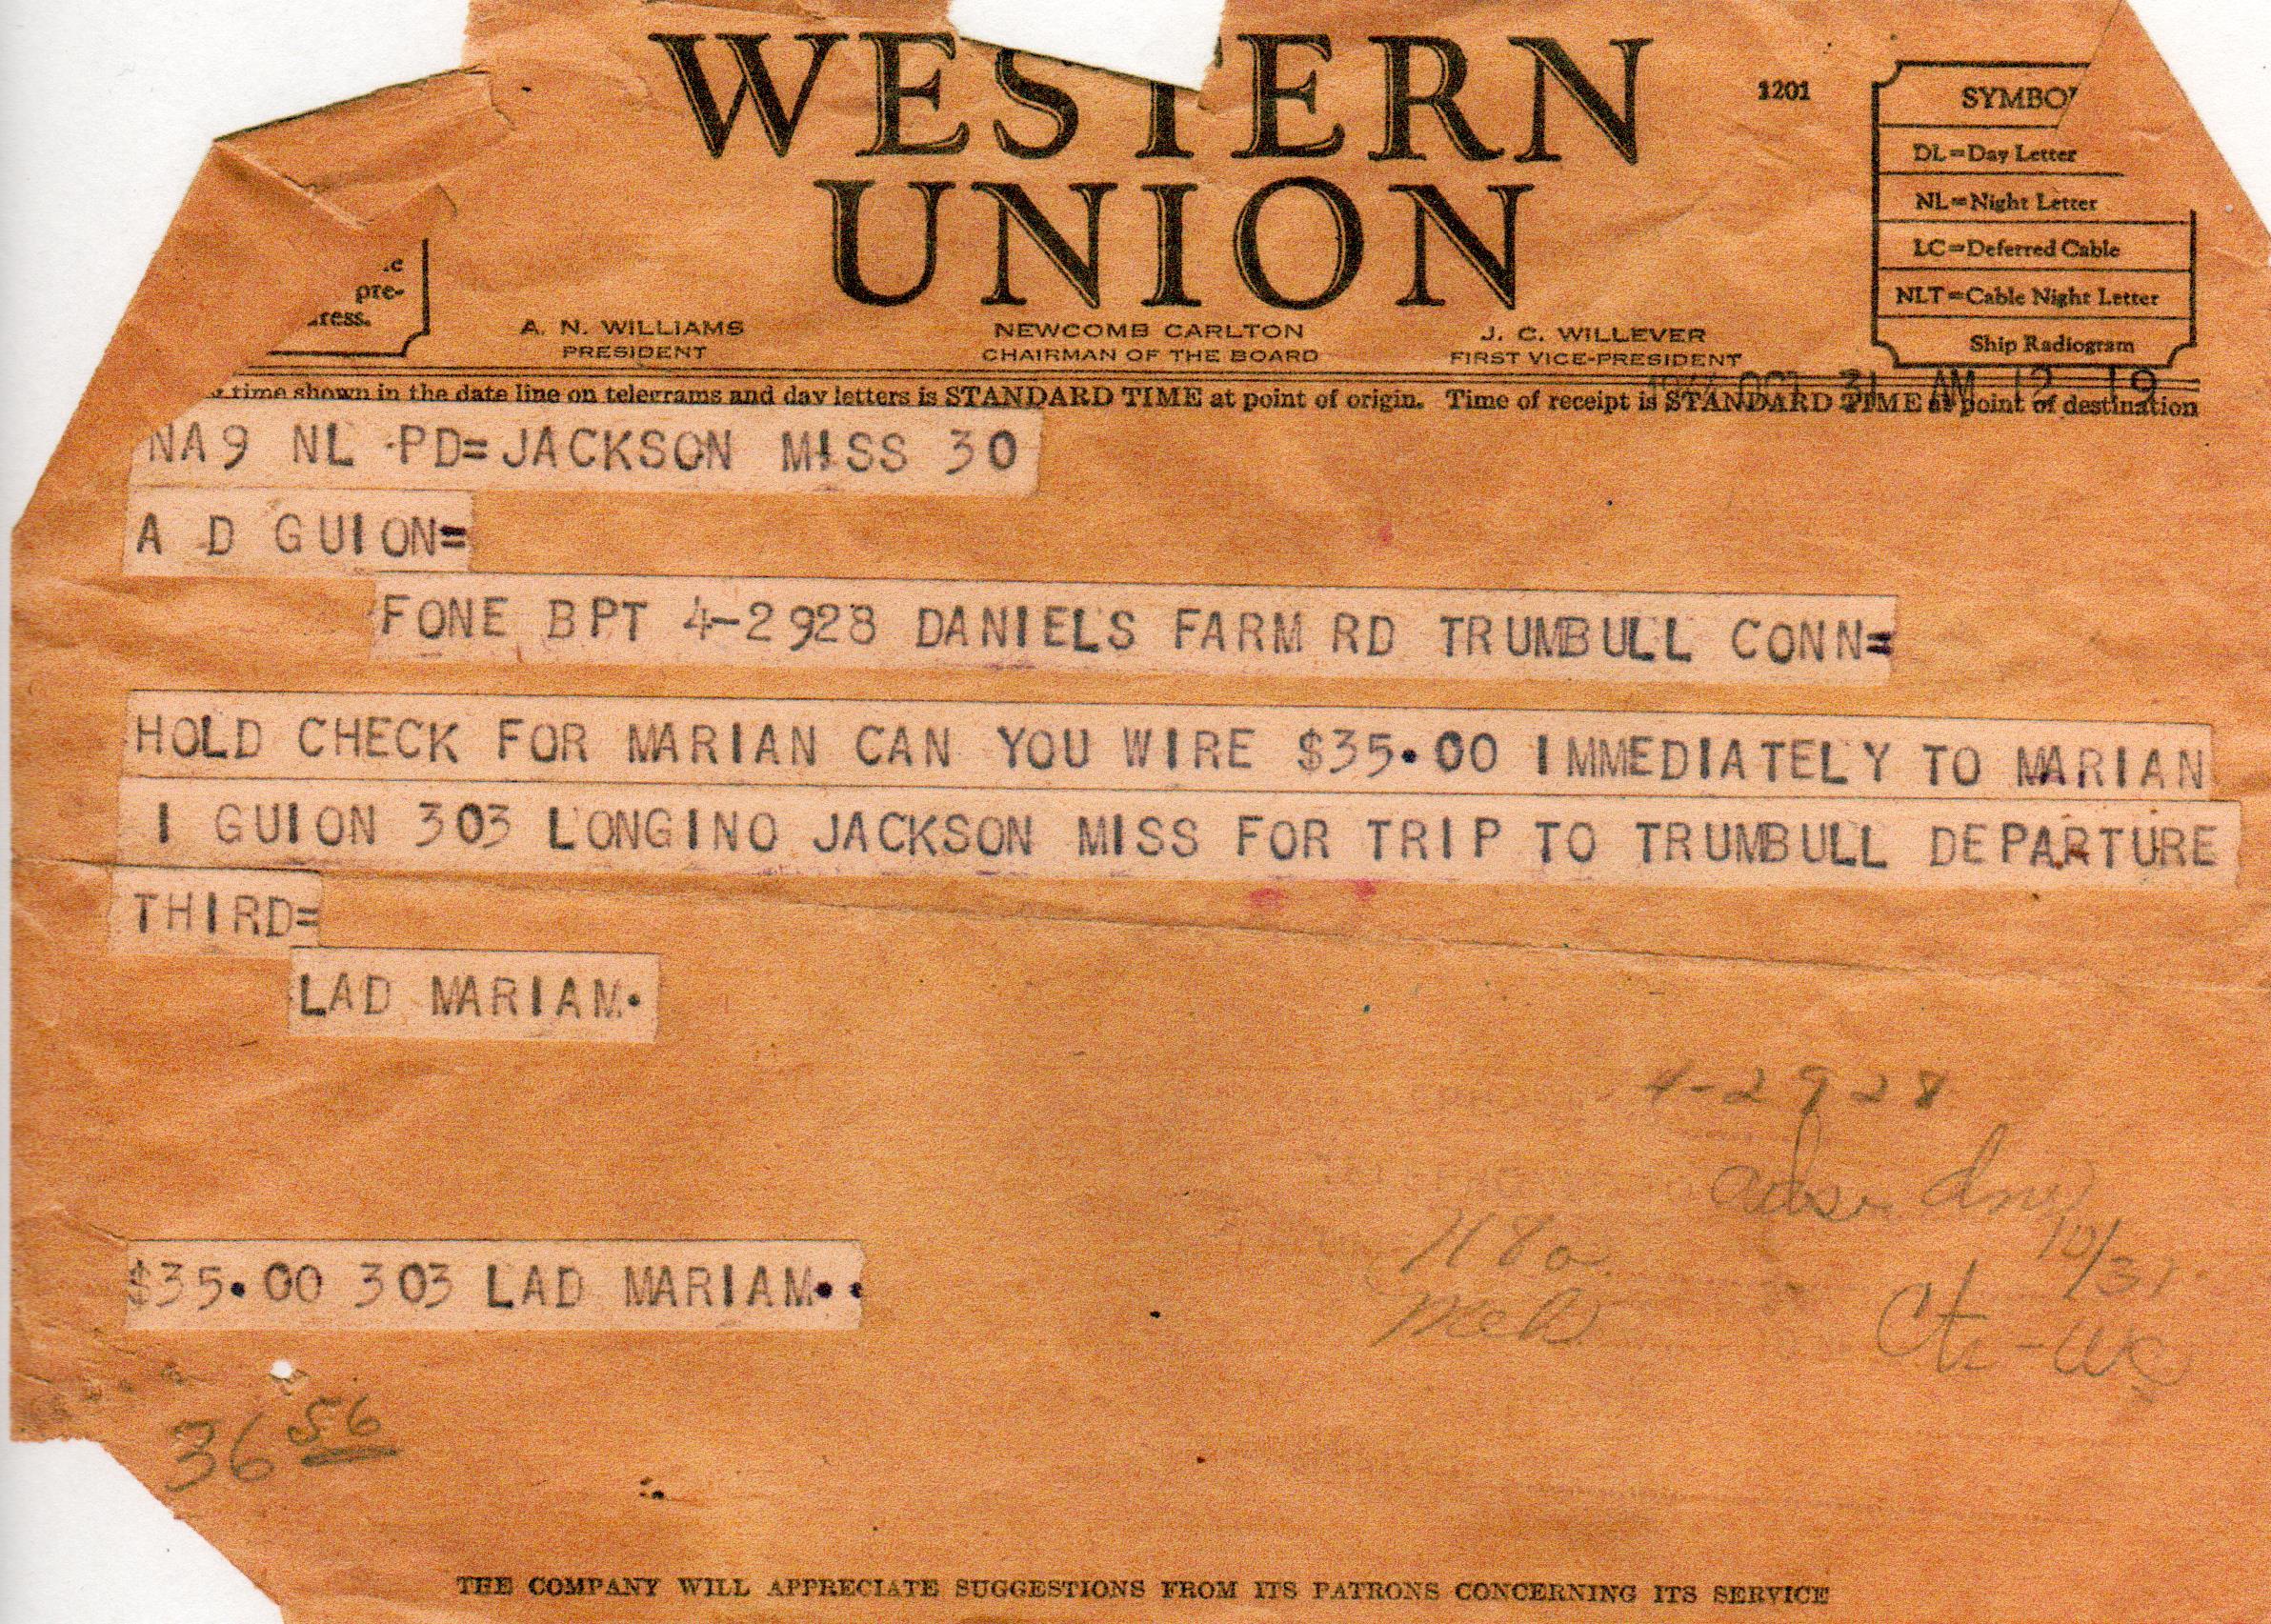 APG - telegram asking for $35 traveling money for Marian -Oct., 1944